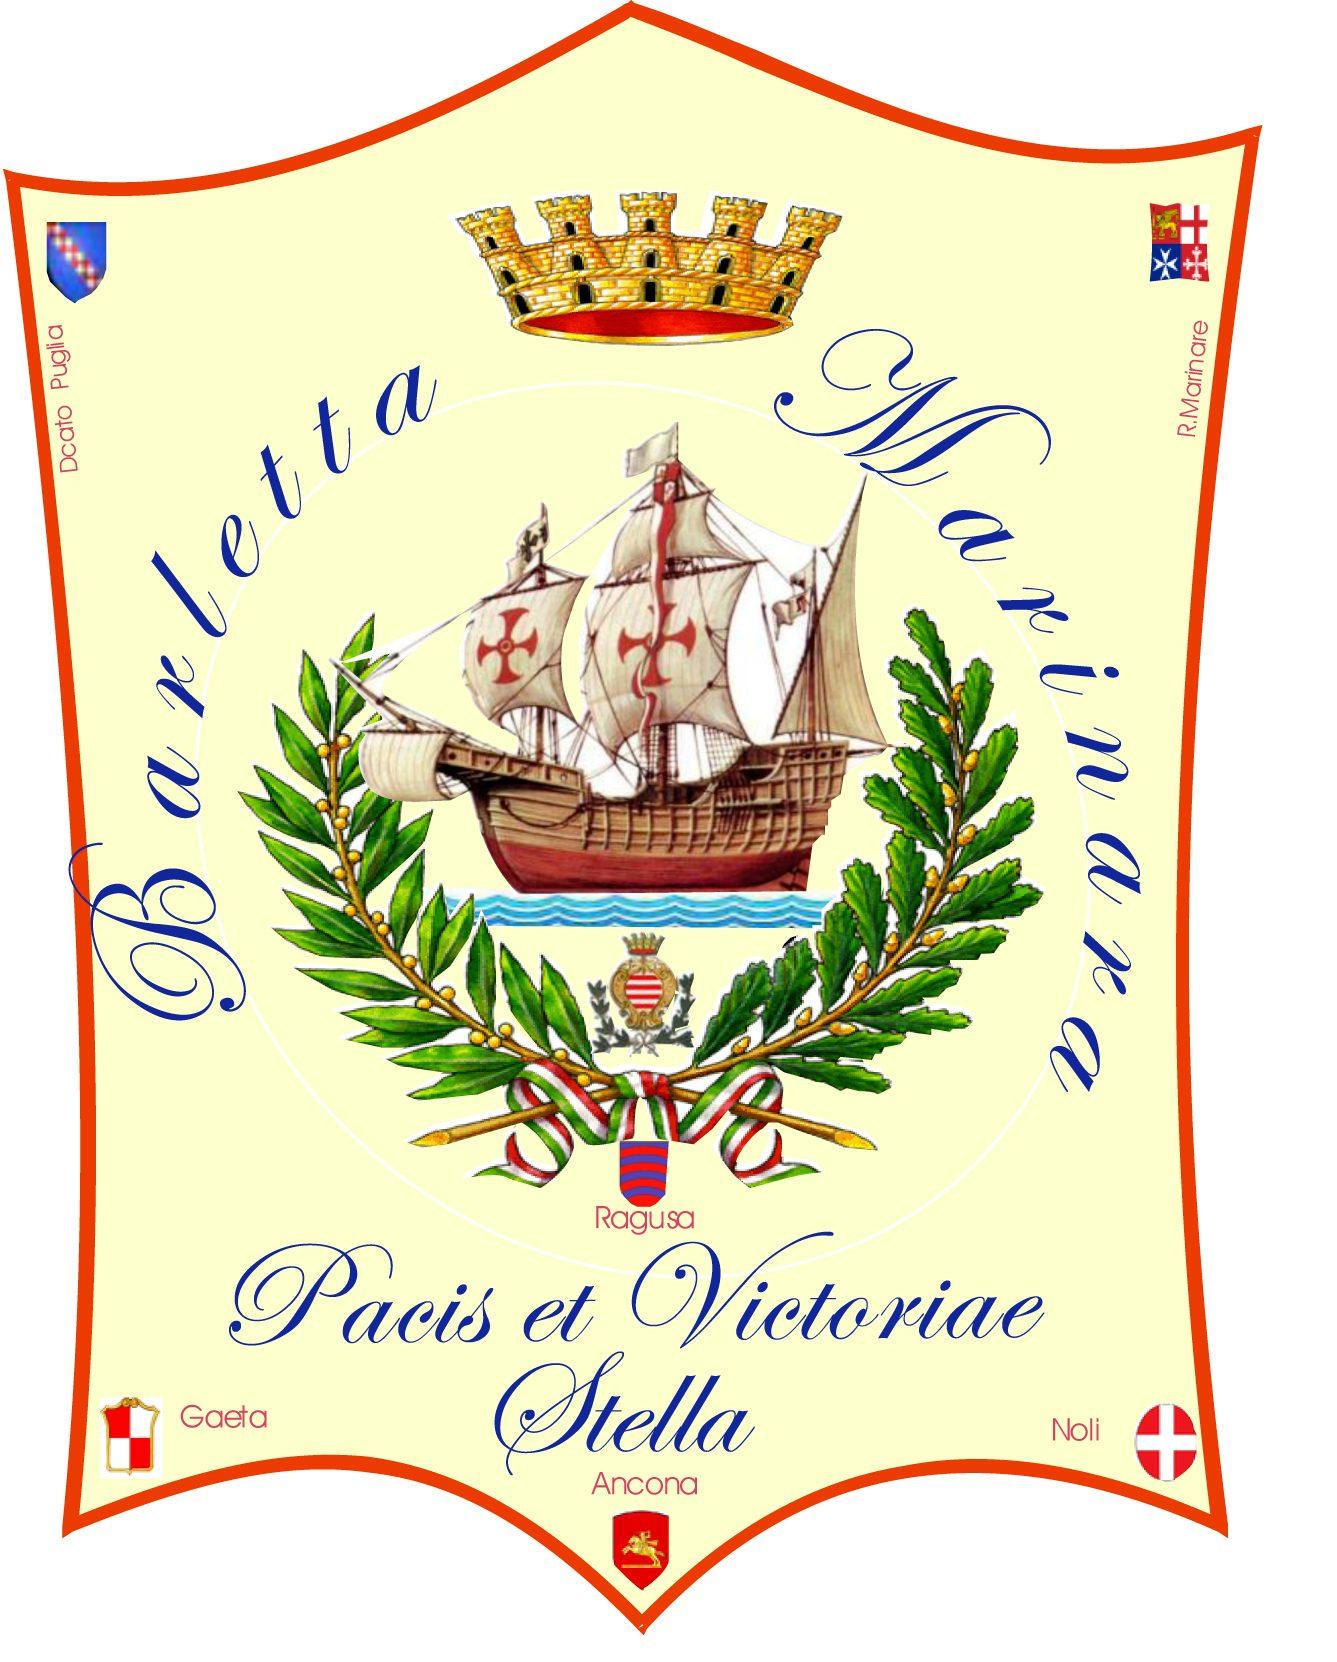 convegno 2014 Barletta citt Marinara